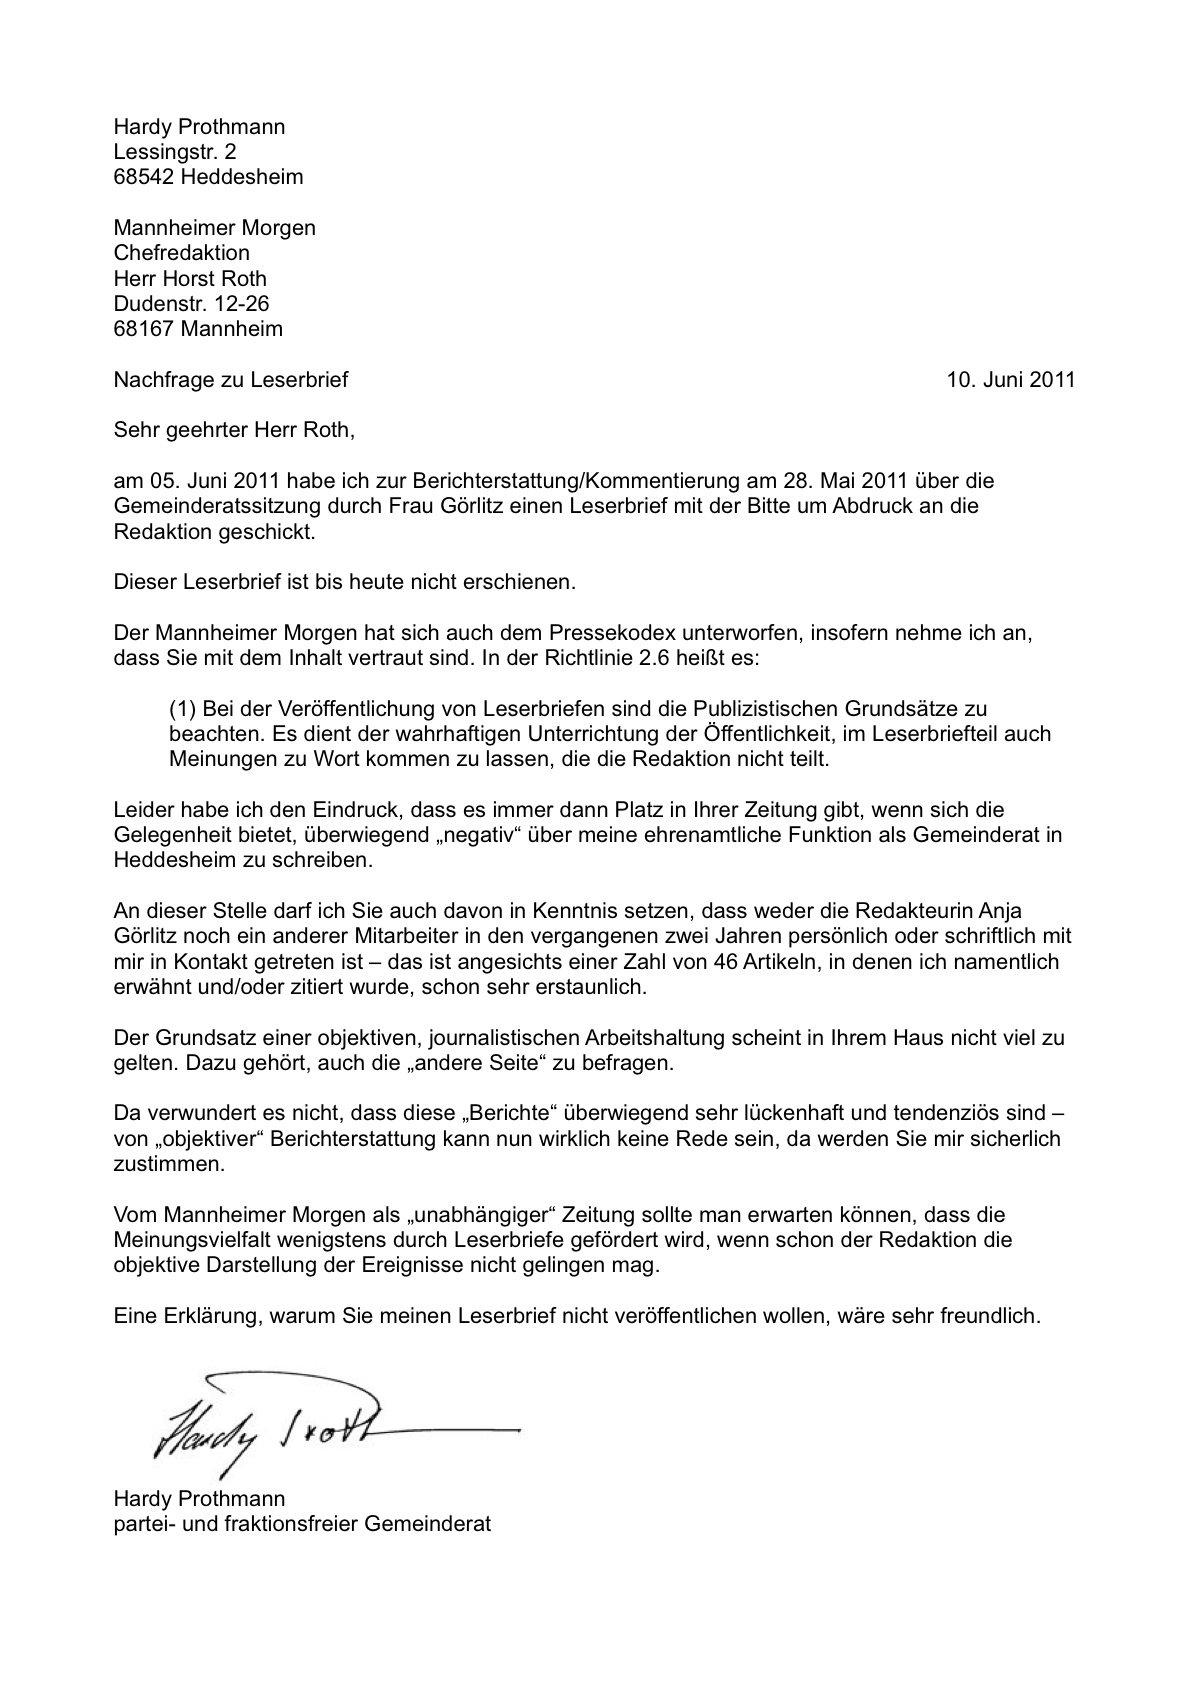 """Gläserner Gemeinderat: Herr Roth, veröffentlichen Sie nur """"genehme"""" Leserbriefe?"""